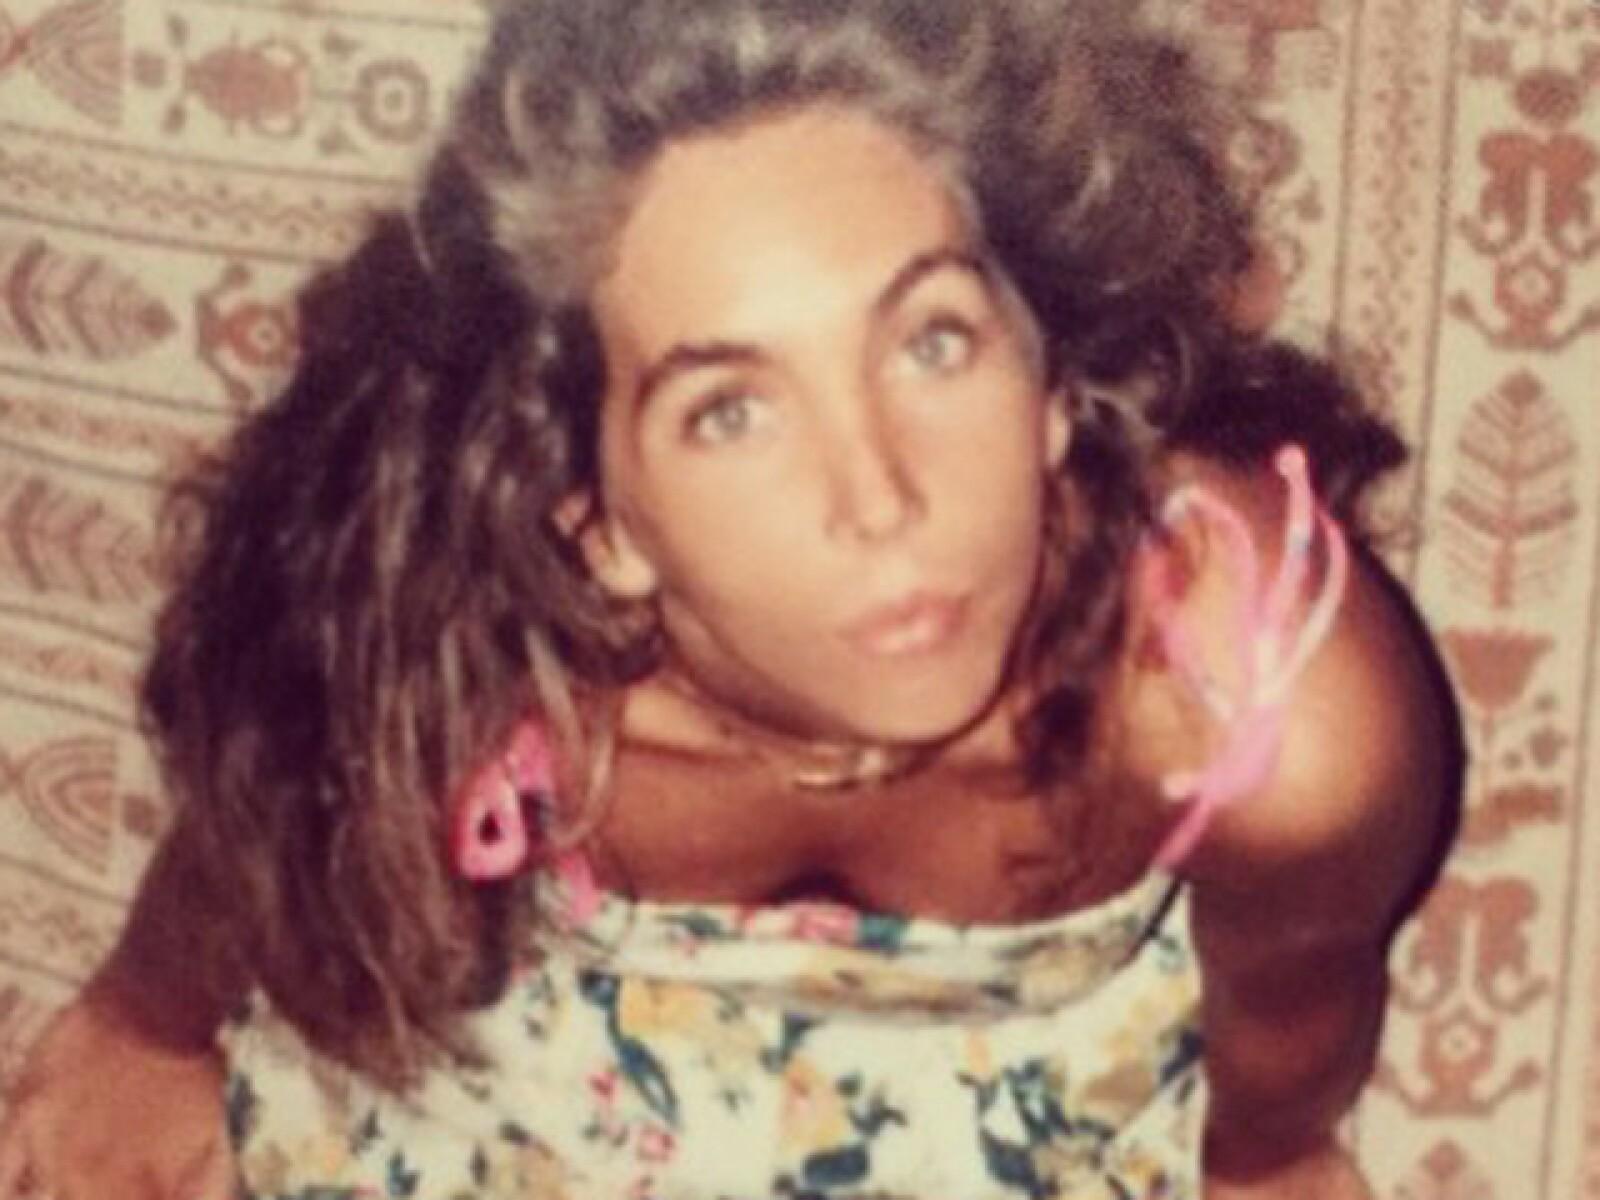 Belinda y Nacho Peregrin compartieron este #throwback de su mamá